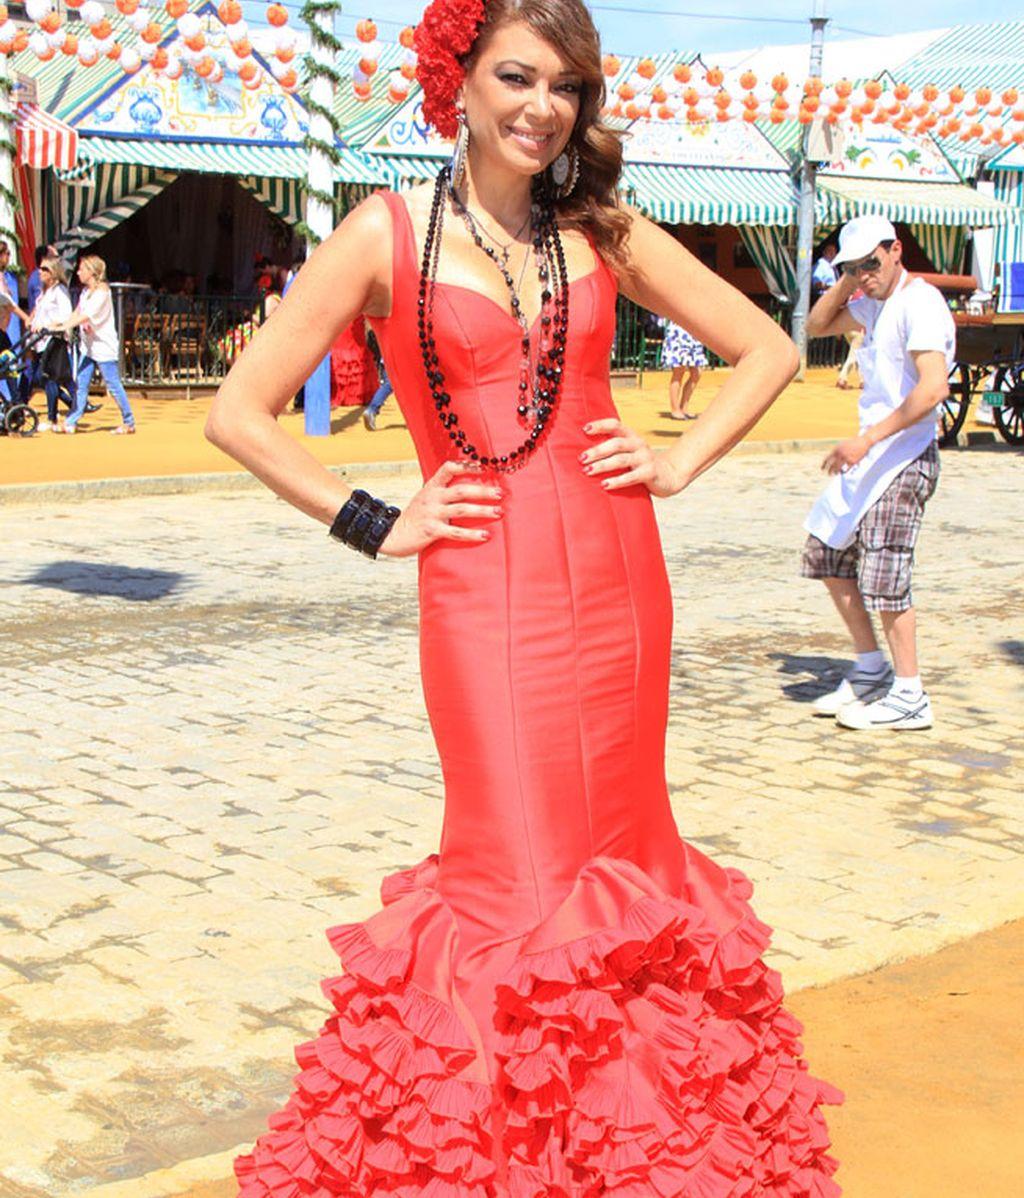 La presentadora Lucía Hoyos escogió el rojo para su vestido